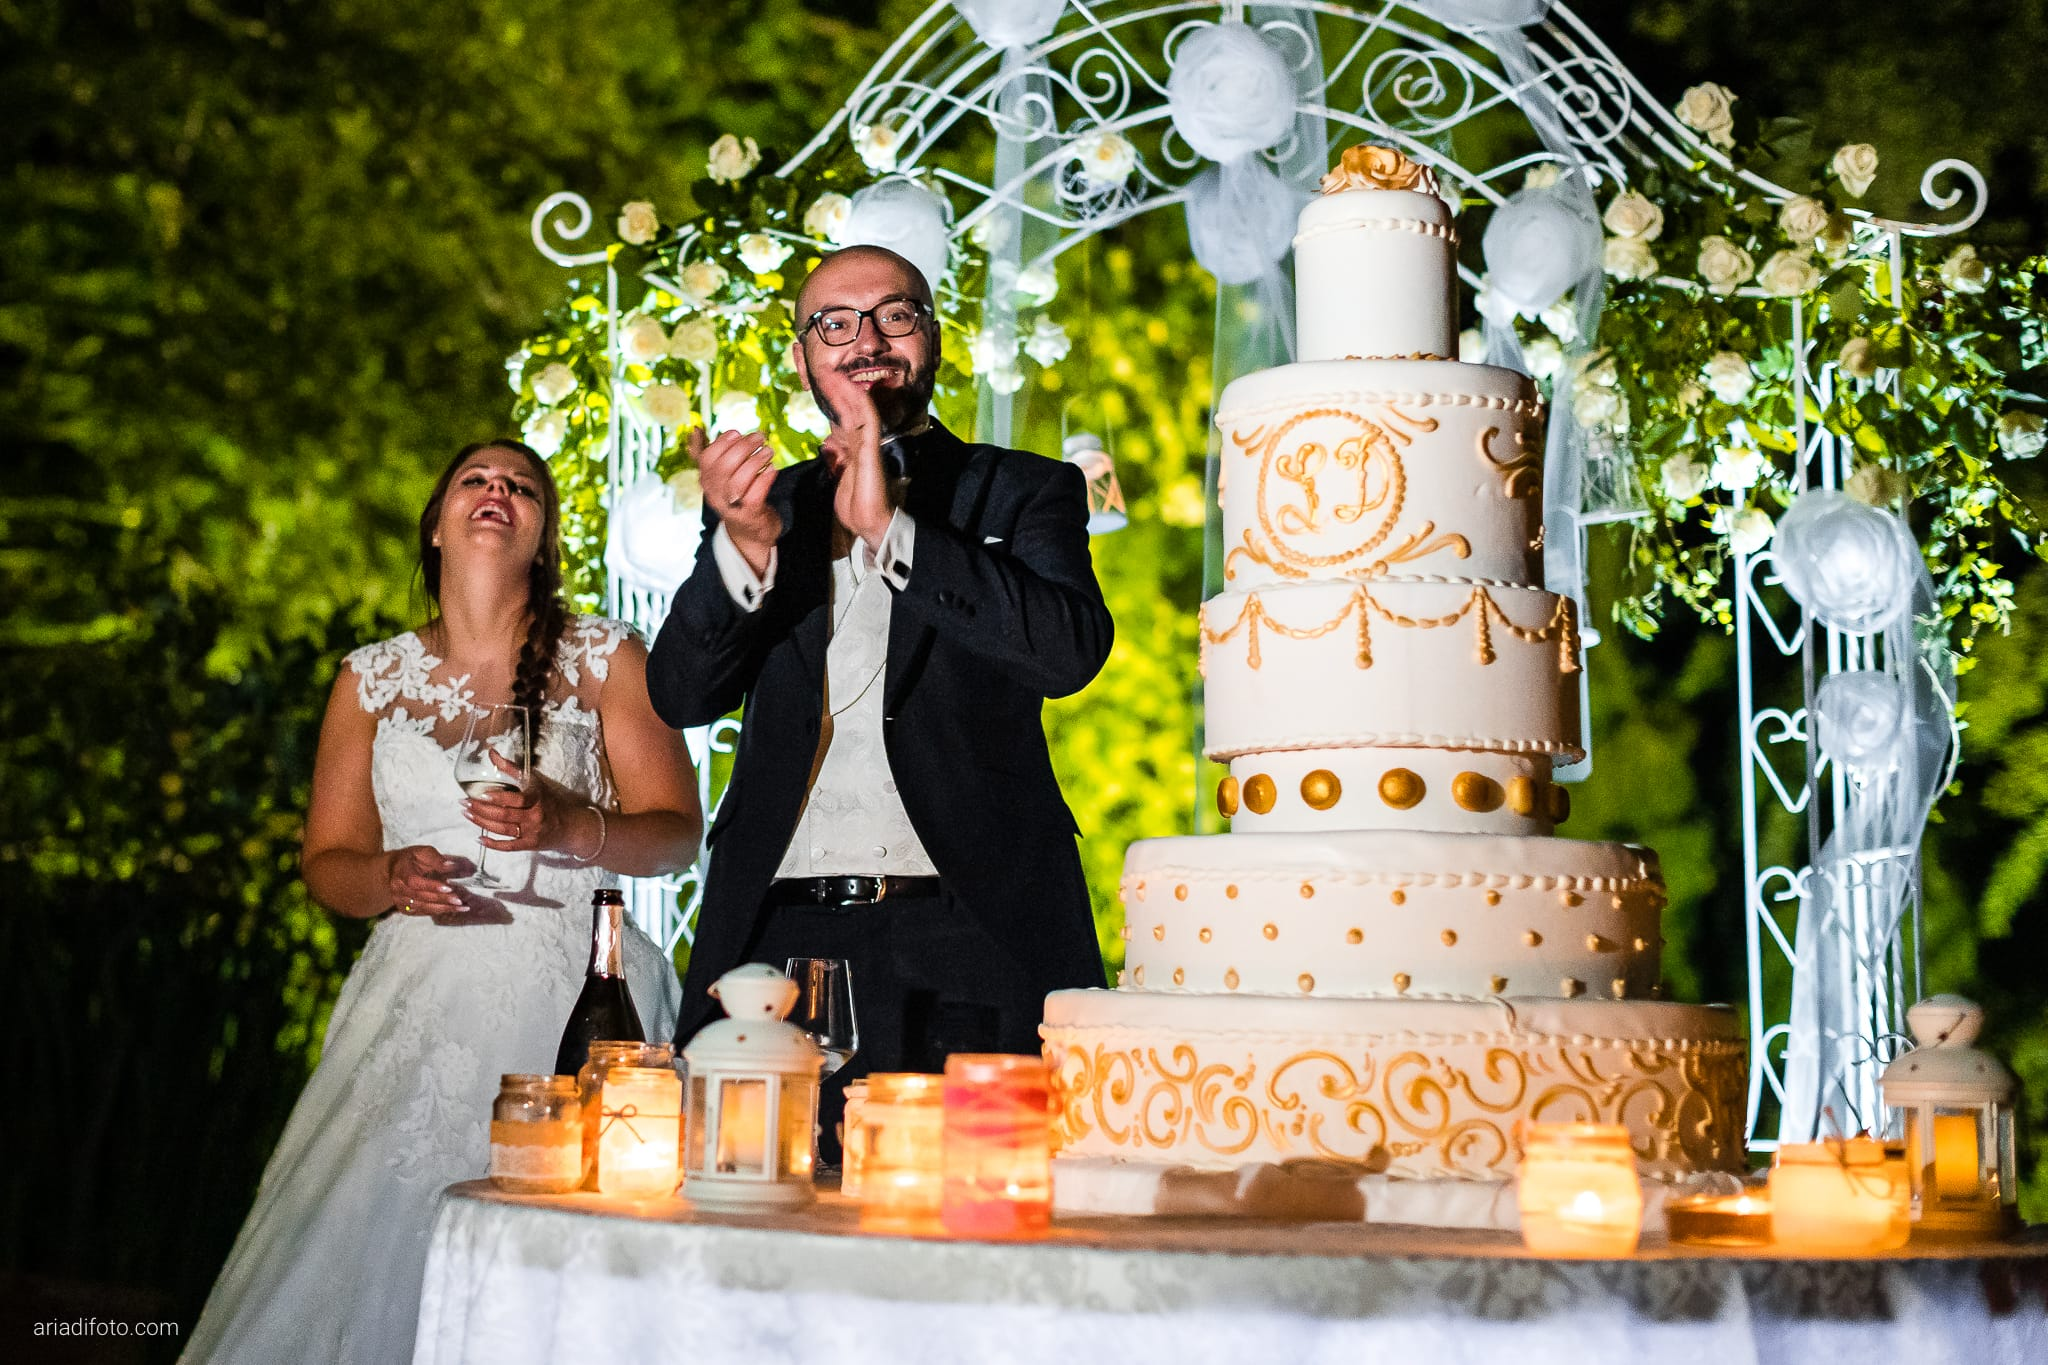 Lavinia Daniele Matrimonio Medea Gorizia Villa Elodia Trivignano Udinese Udine ricevimento taglio della torta